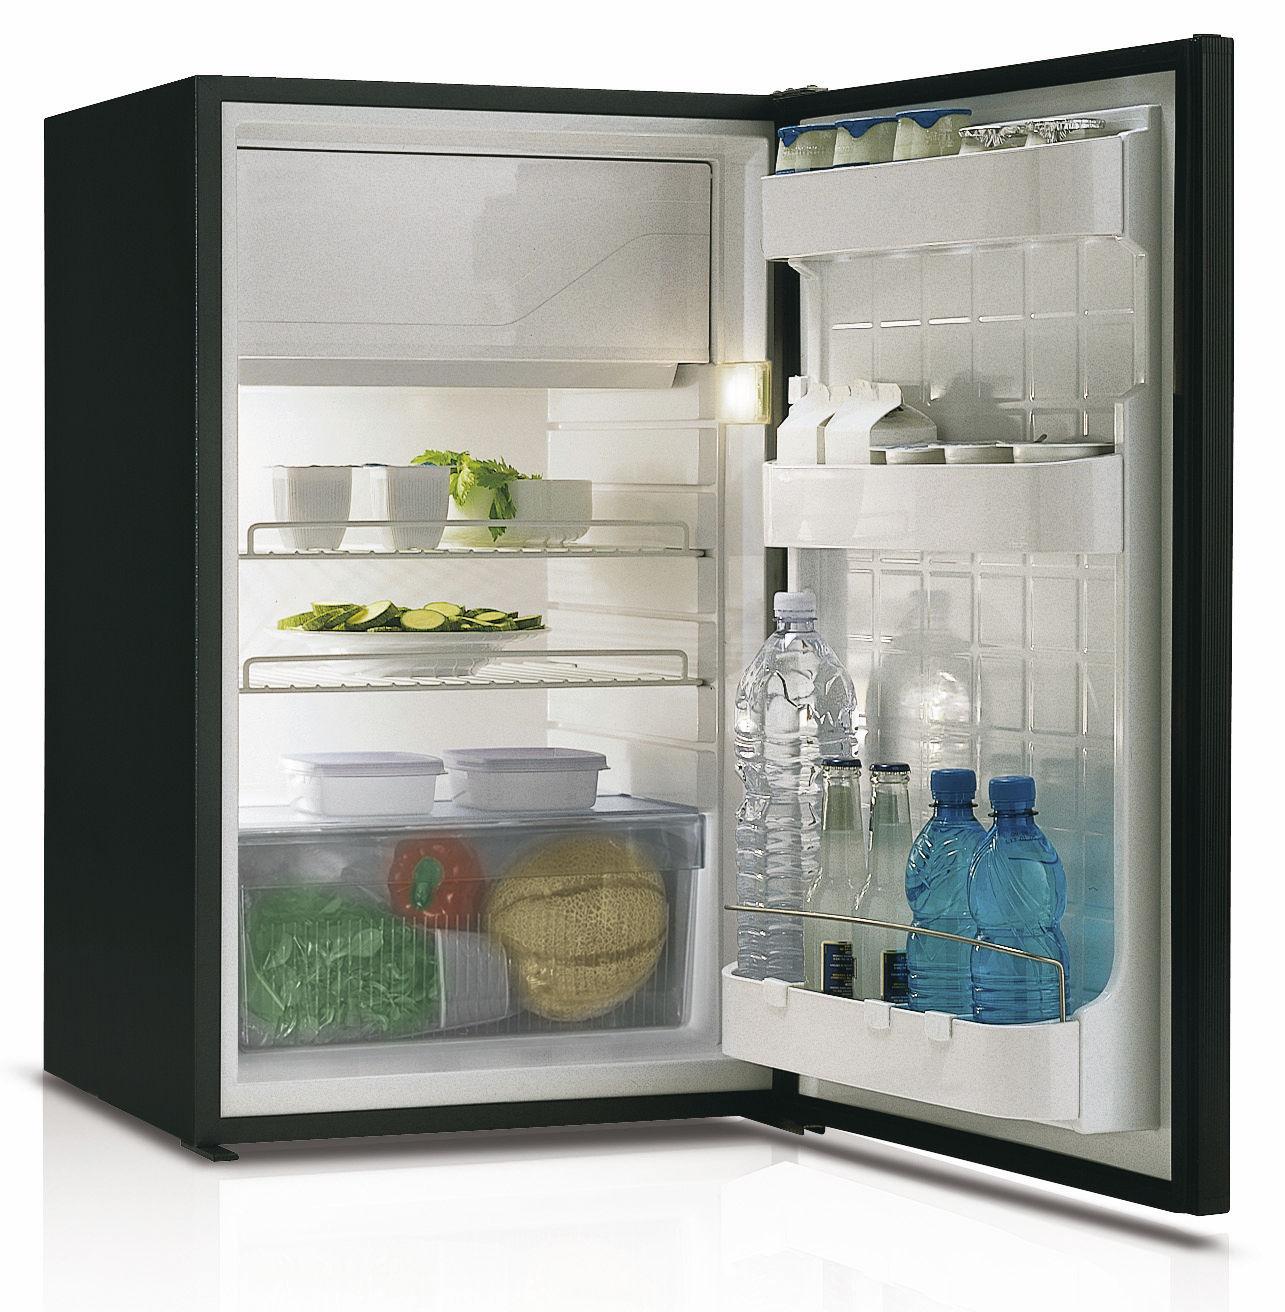 Kühlschrank zur gewerblichen Nutzung / kompakt / schwarz / Büro ...